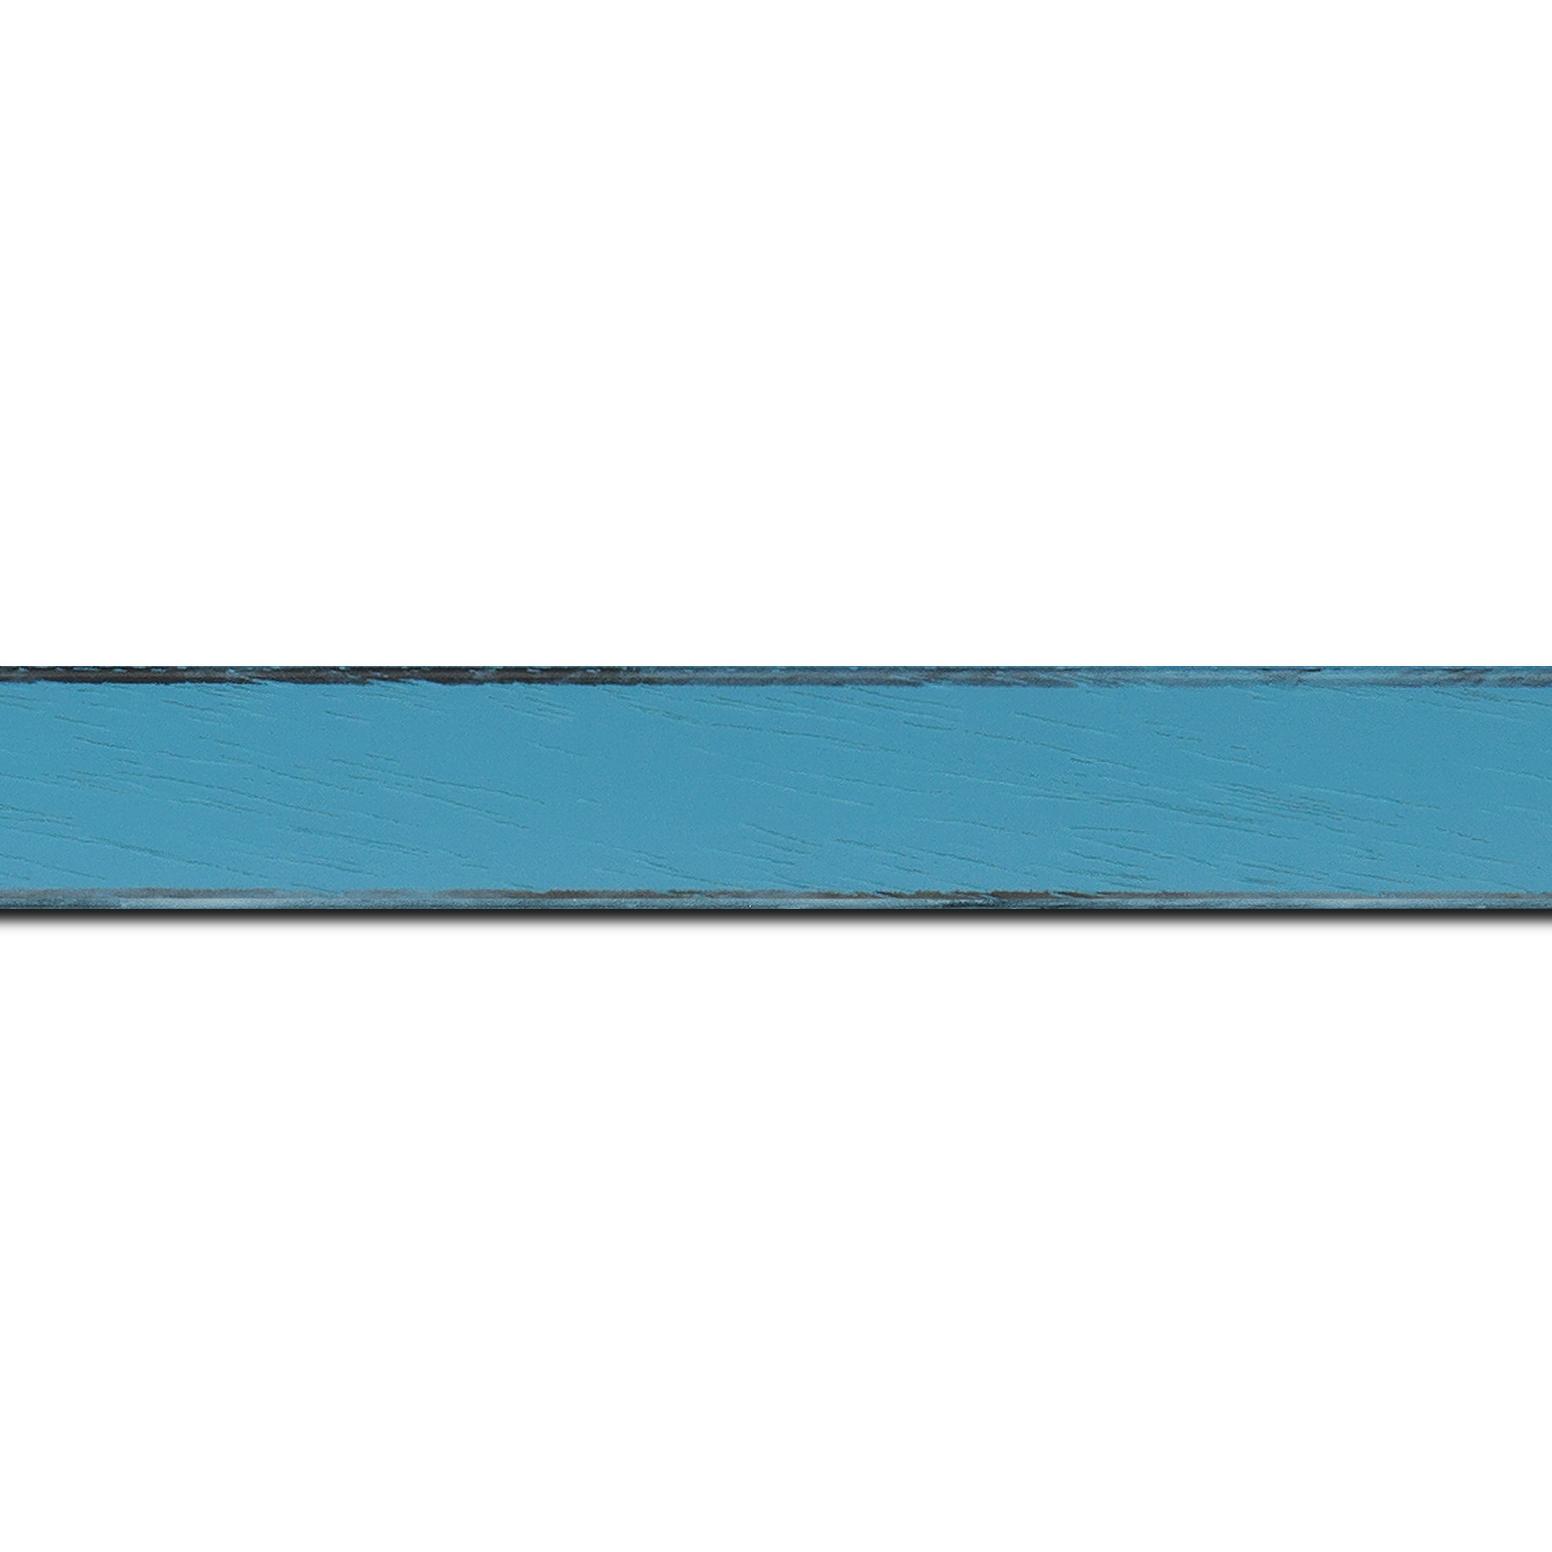 Pack par 12m, bois profil concave largeur 2.4cm couleur turquoise tonique  satiné  arêtes essuyés noircies de chaque coté  (longueur baguette pouvant varier entre 2.40m et 3m selon arrivage des bois)